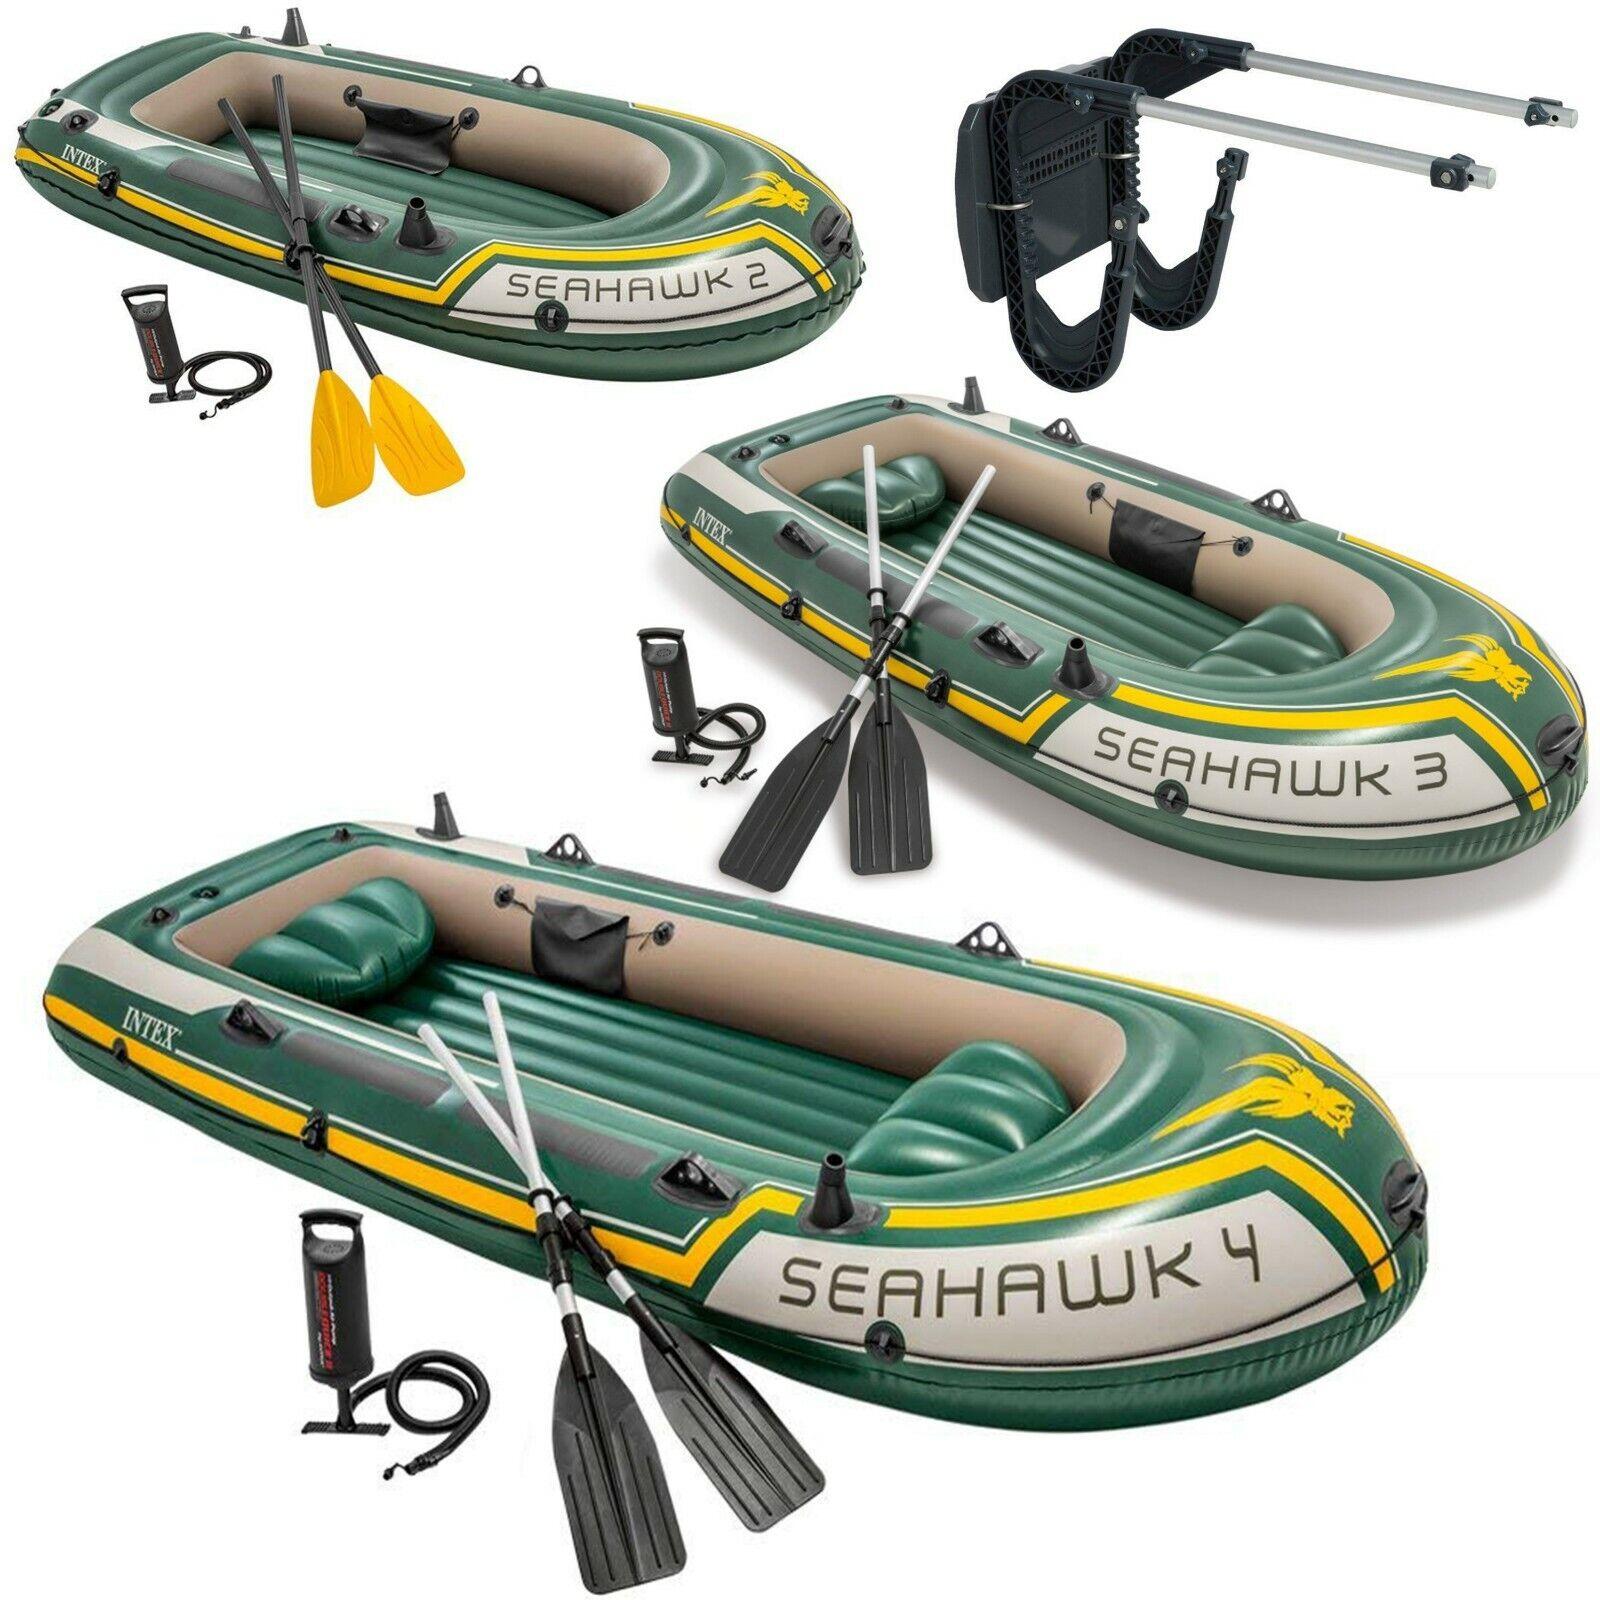 Intex  Seahawk Barco Inflable Set con Oars y Bomba - 2 3 4 Persona   Motor Juego  comprar nuevo barato